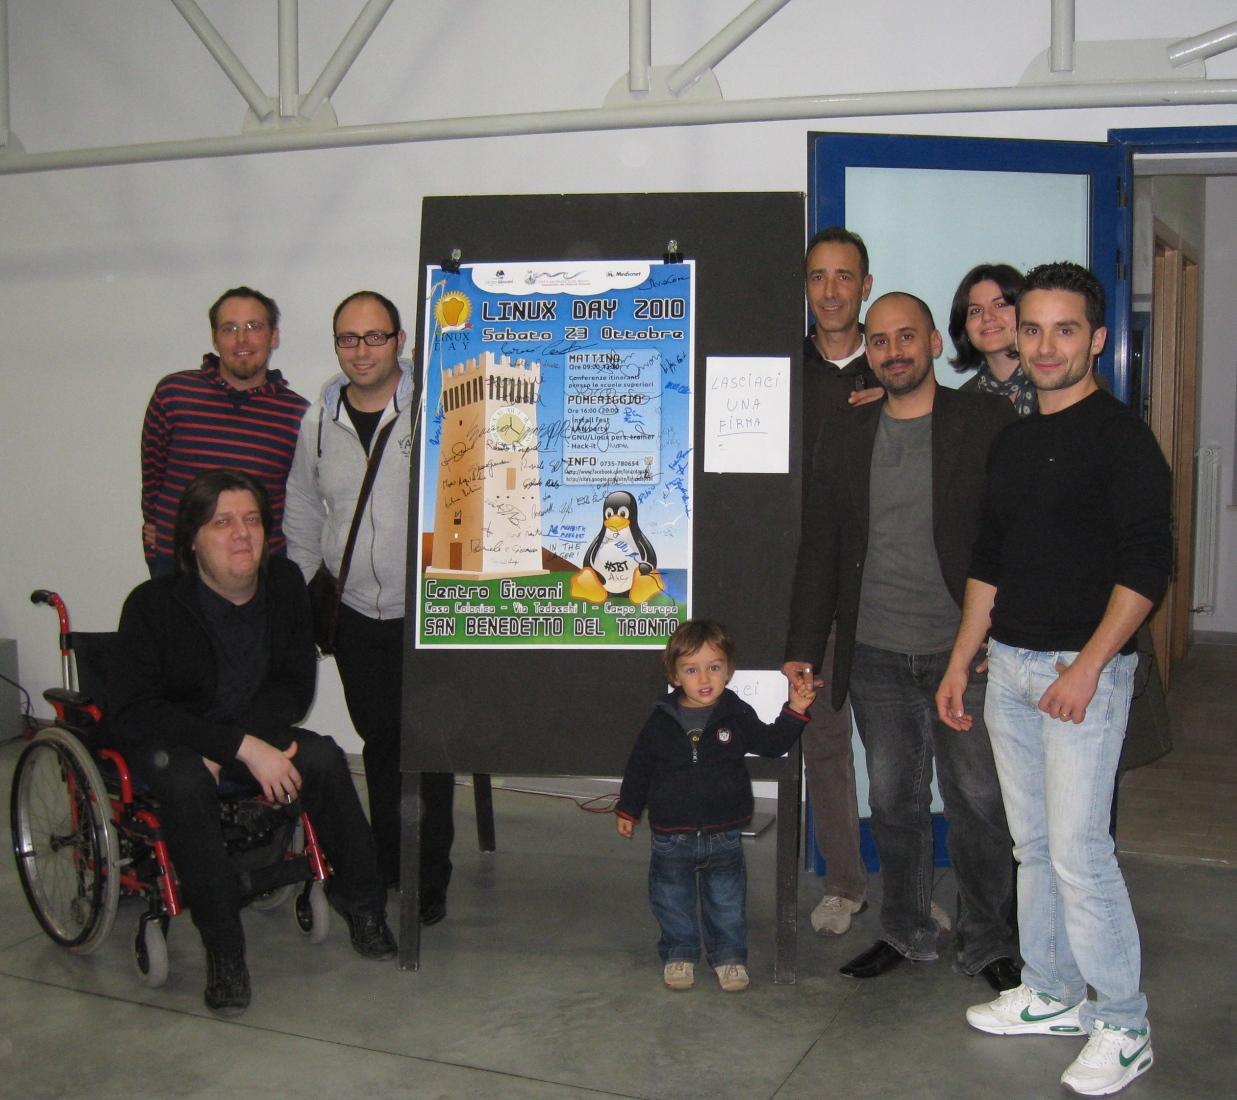 Grandi e piccoli al LinuxDay 2010 di San Benedetto